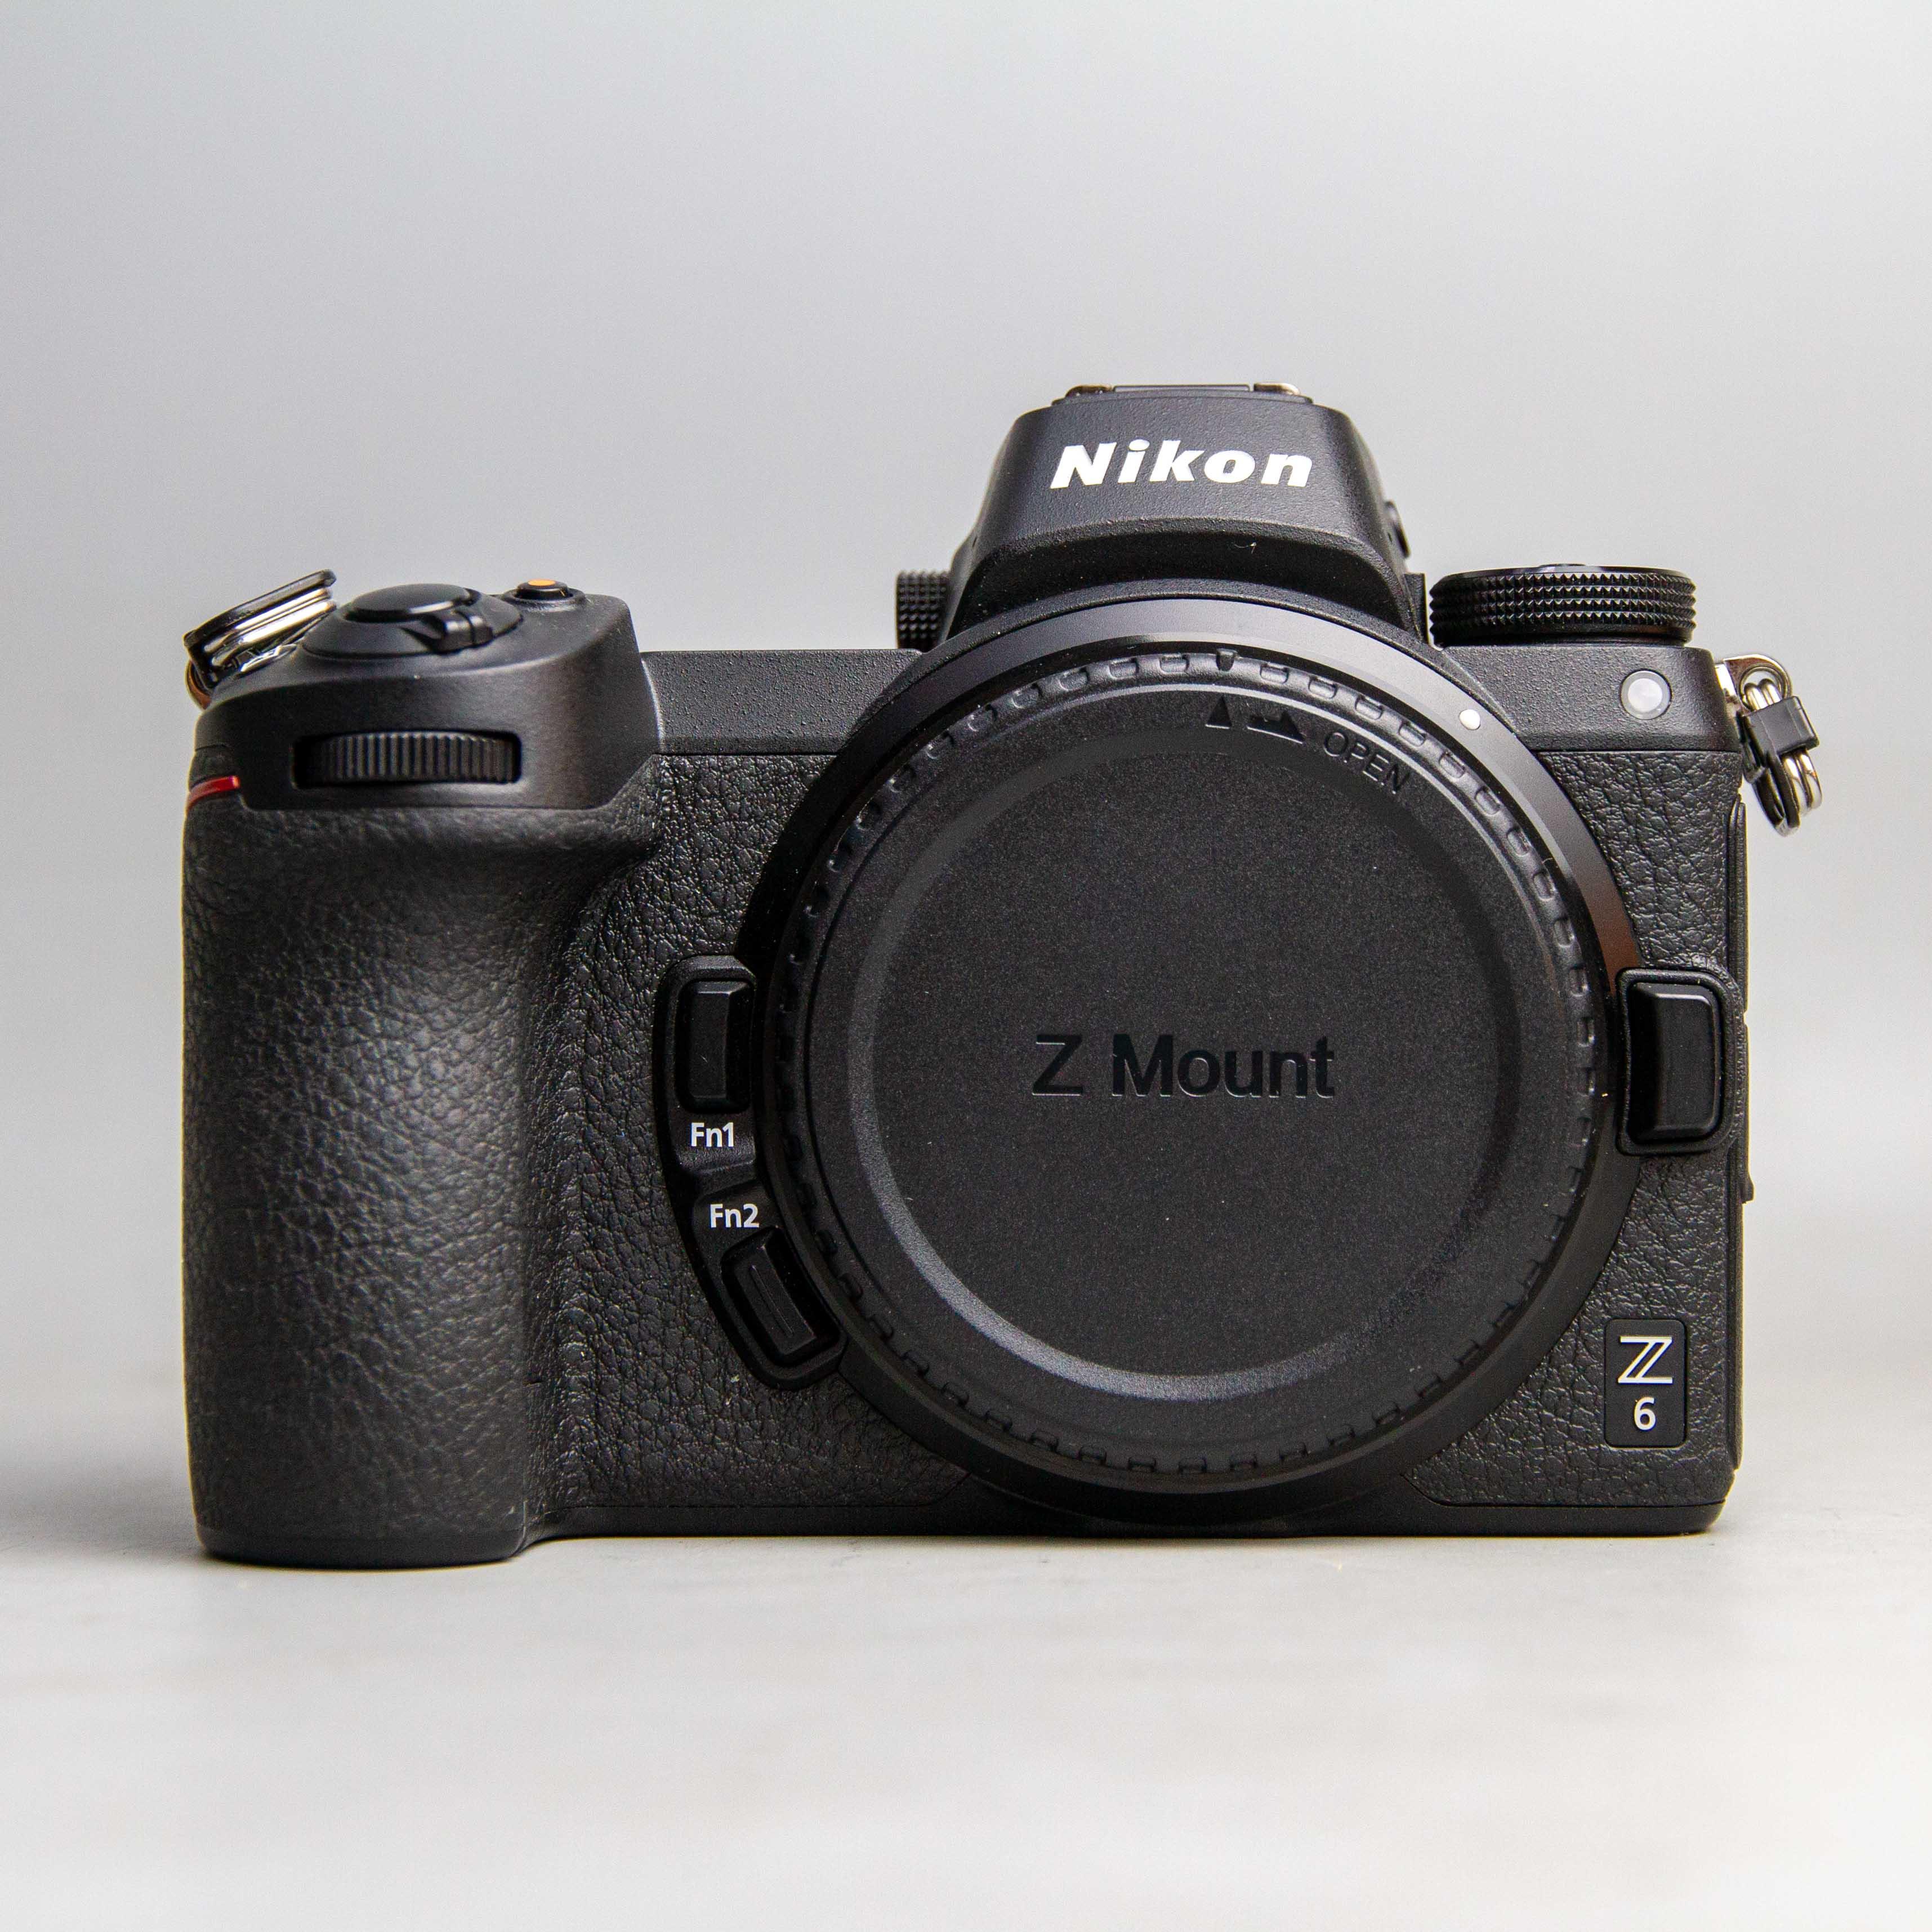 nikon-z6-body-likenew-10k-shots-13500